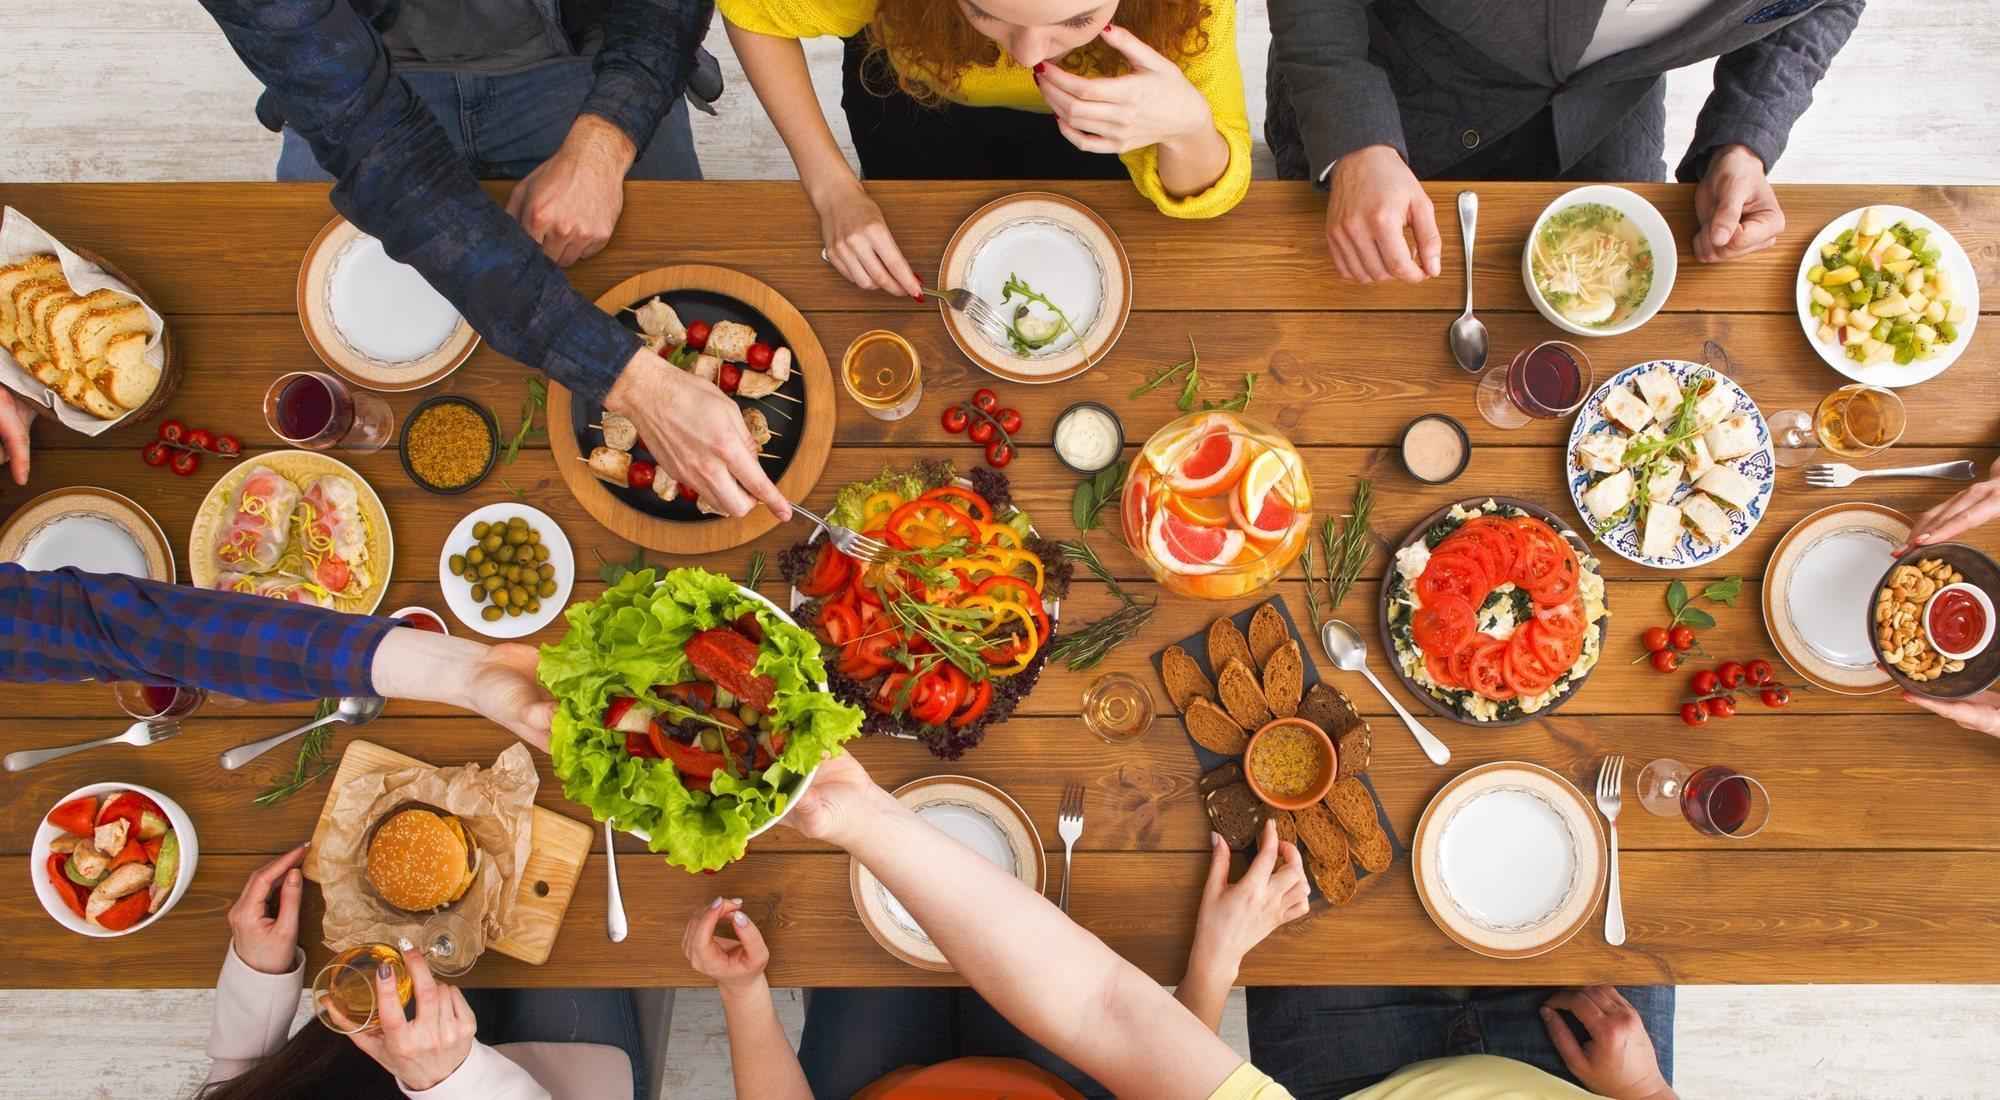 Cómo hacer dieta y seguir teniendo amigos